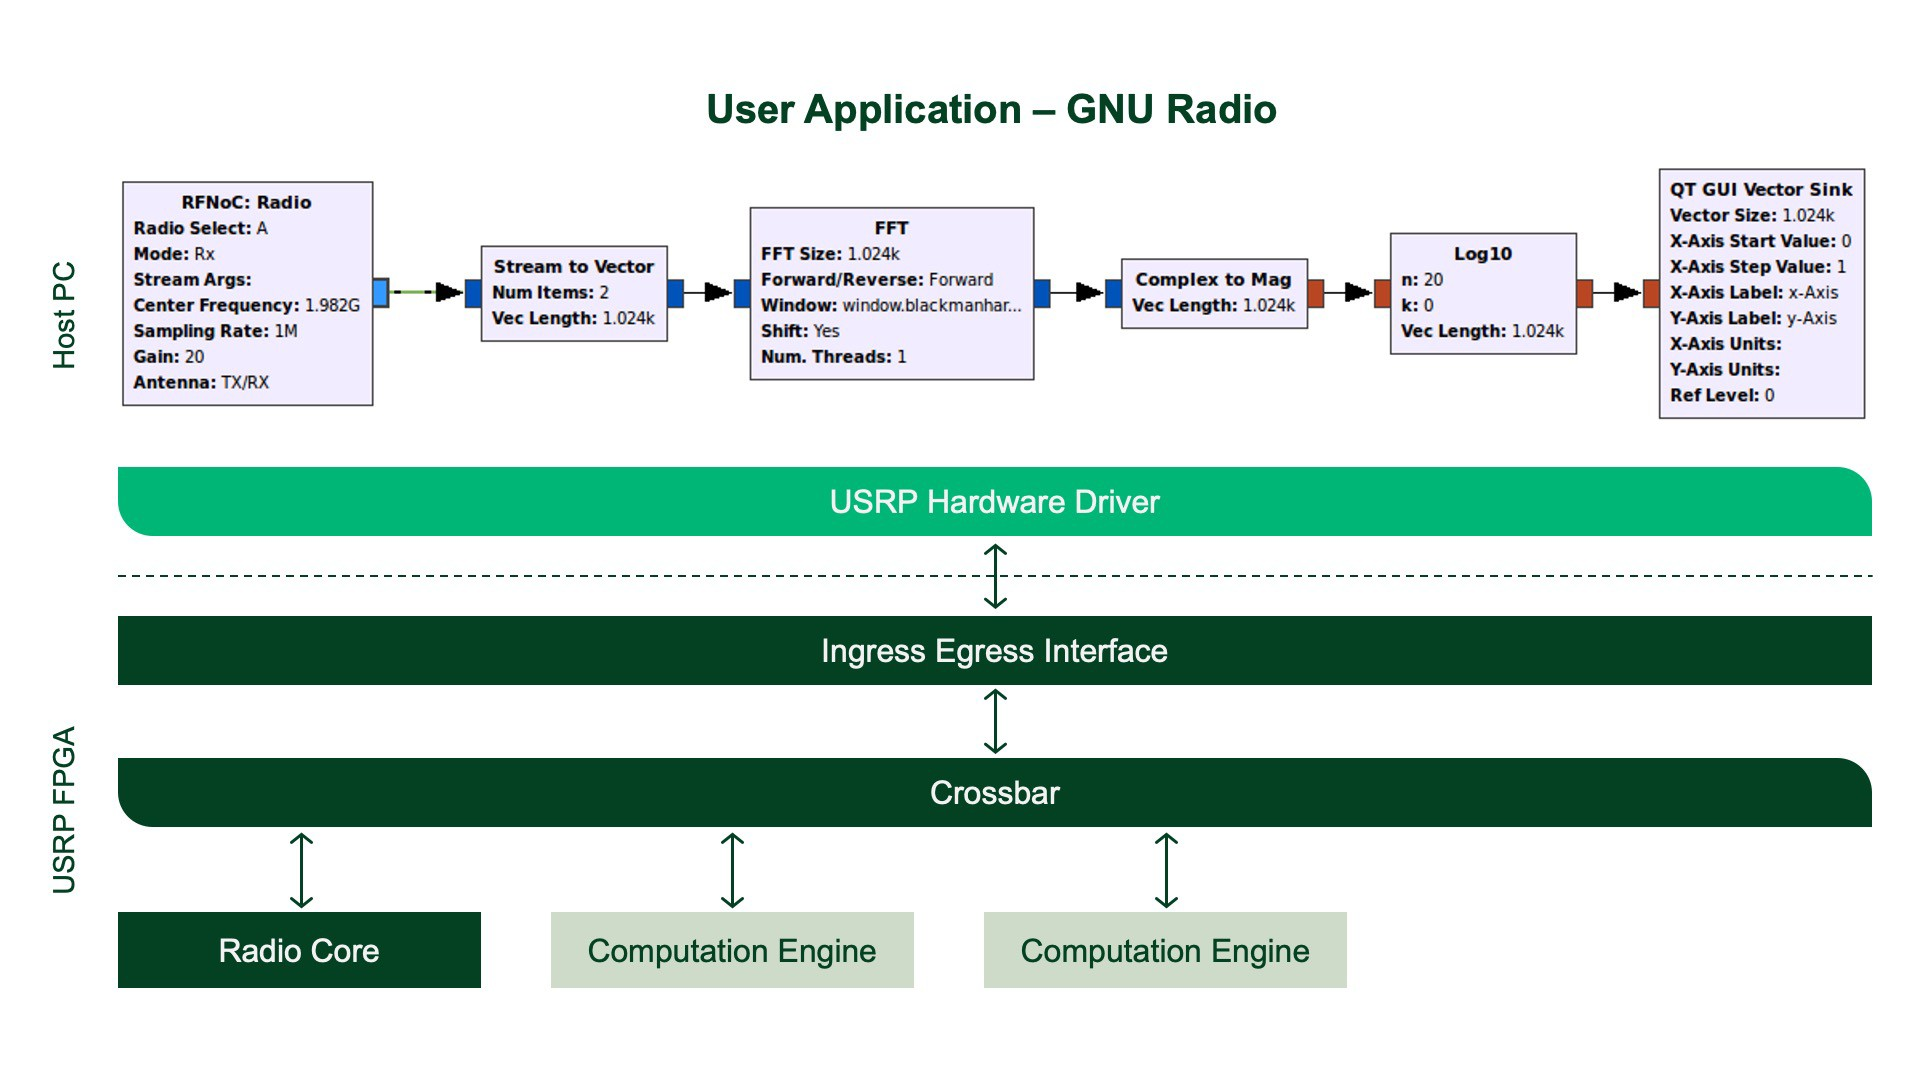 Diagram showing RFNoC workflow